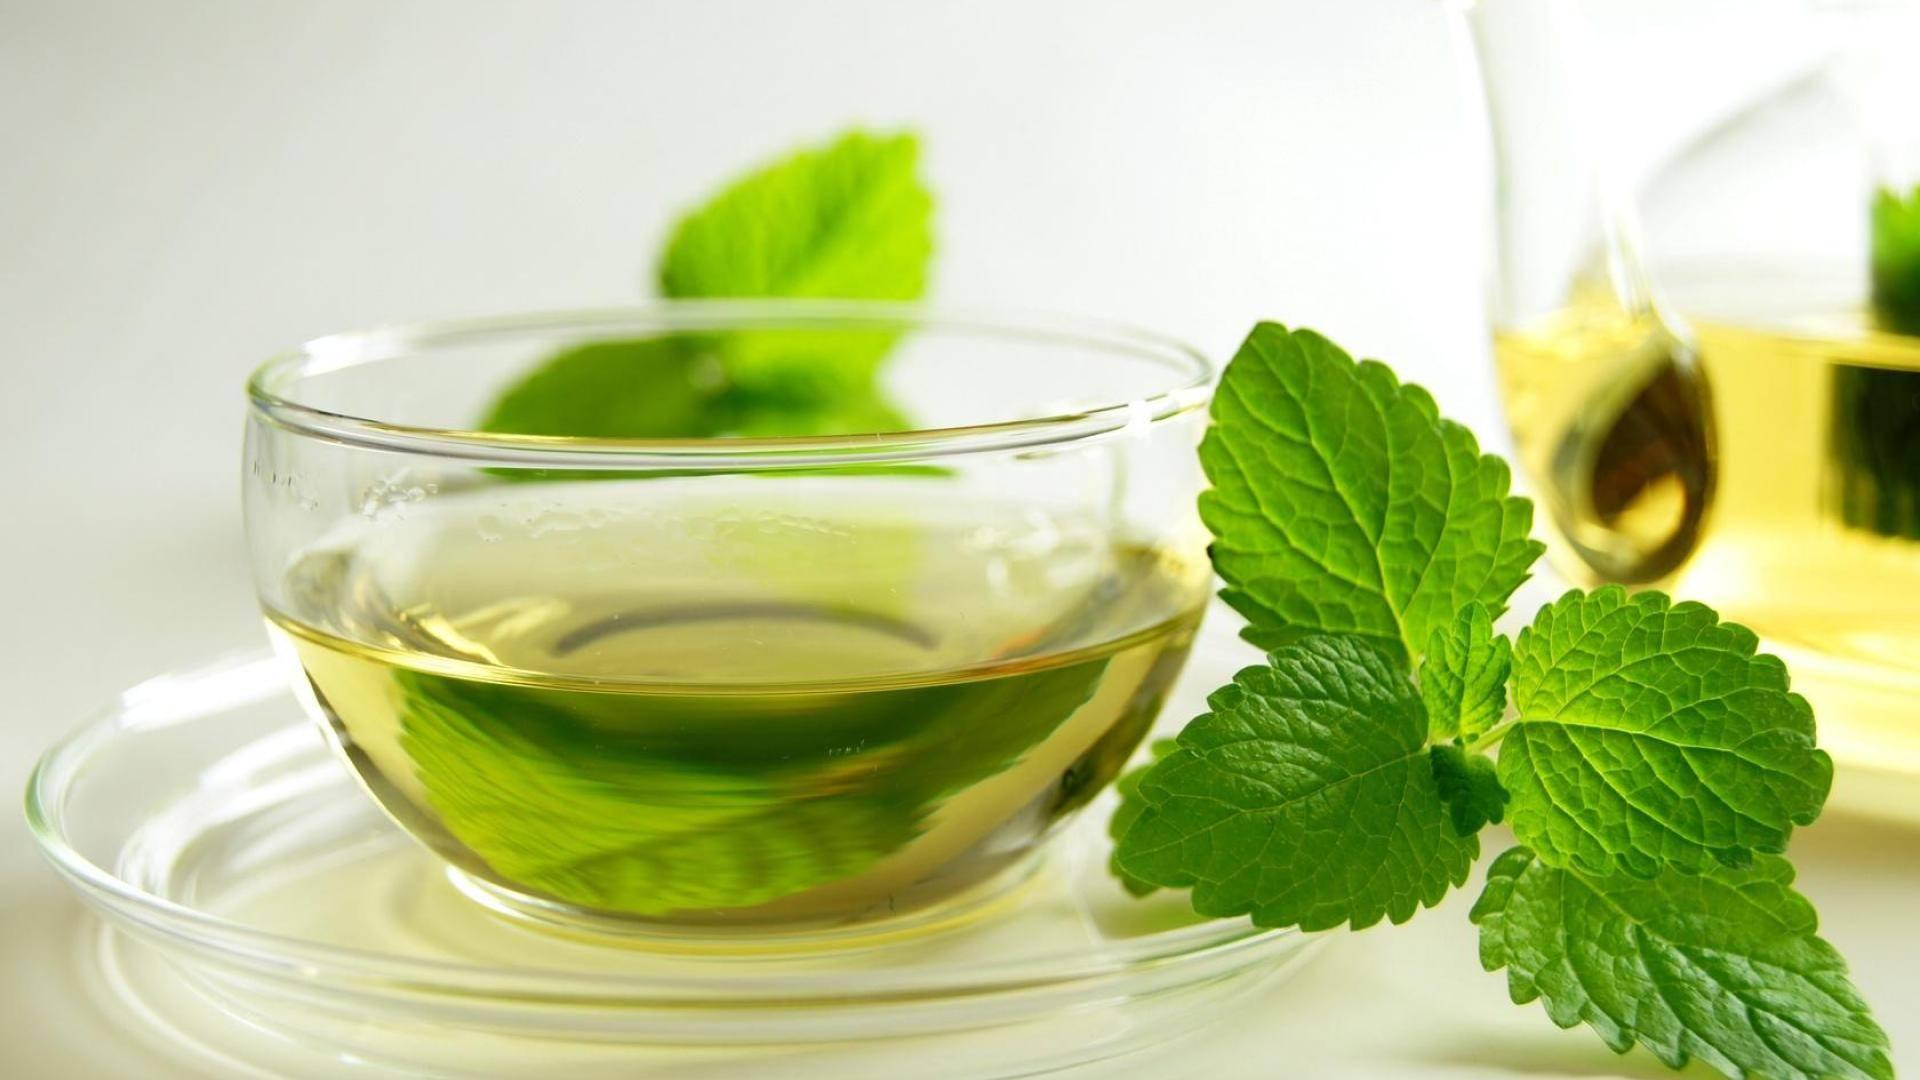 دراسة: تناول أطعمة تحتوى على مستخلص الشاي الأخضر يقلل من فرص الإصابة بفيروس نورو